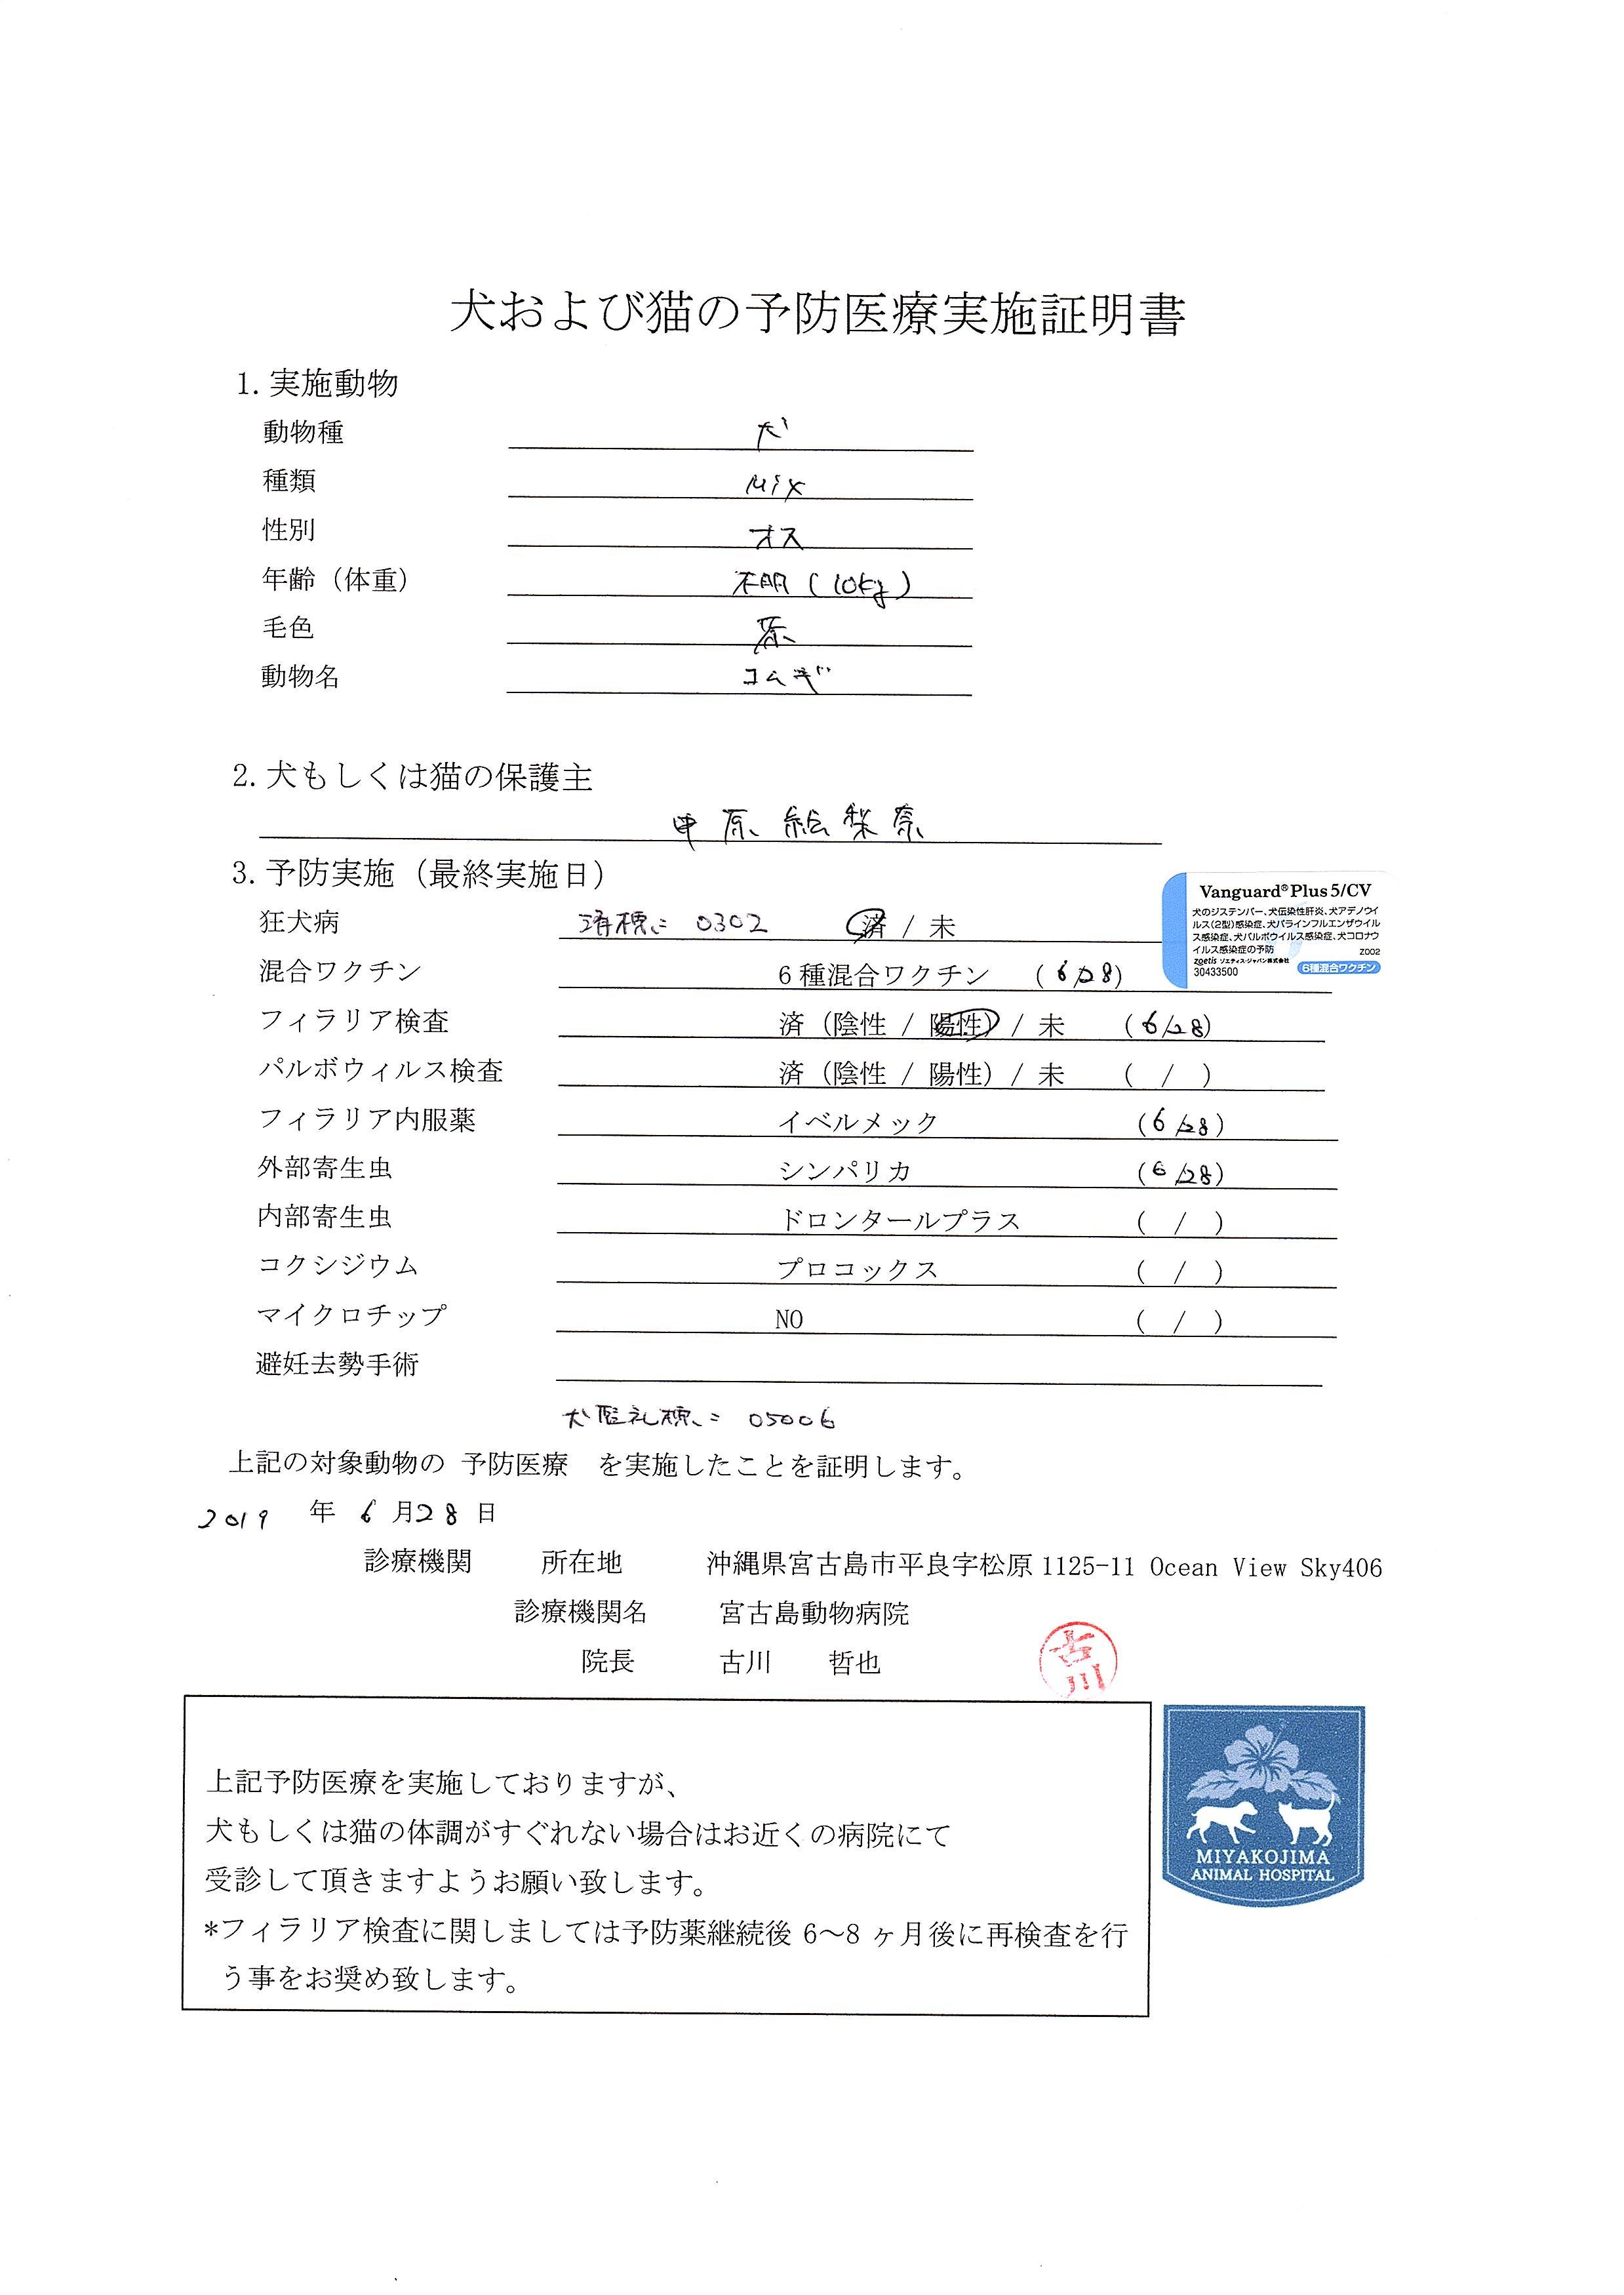 コムギ予防医療実施証明書